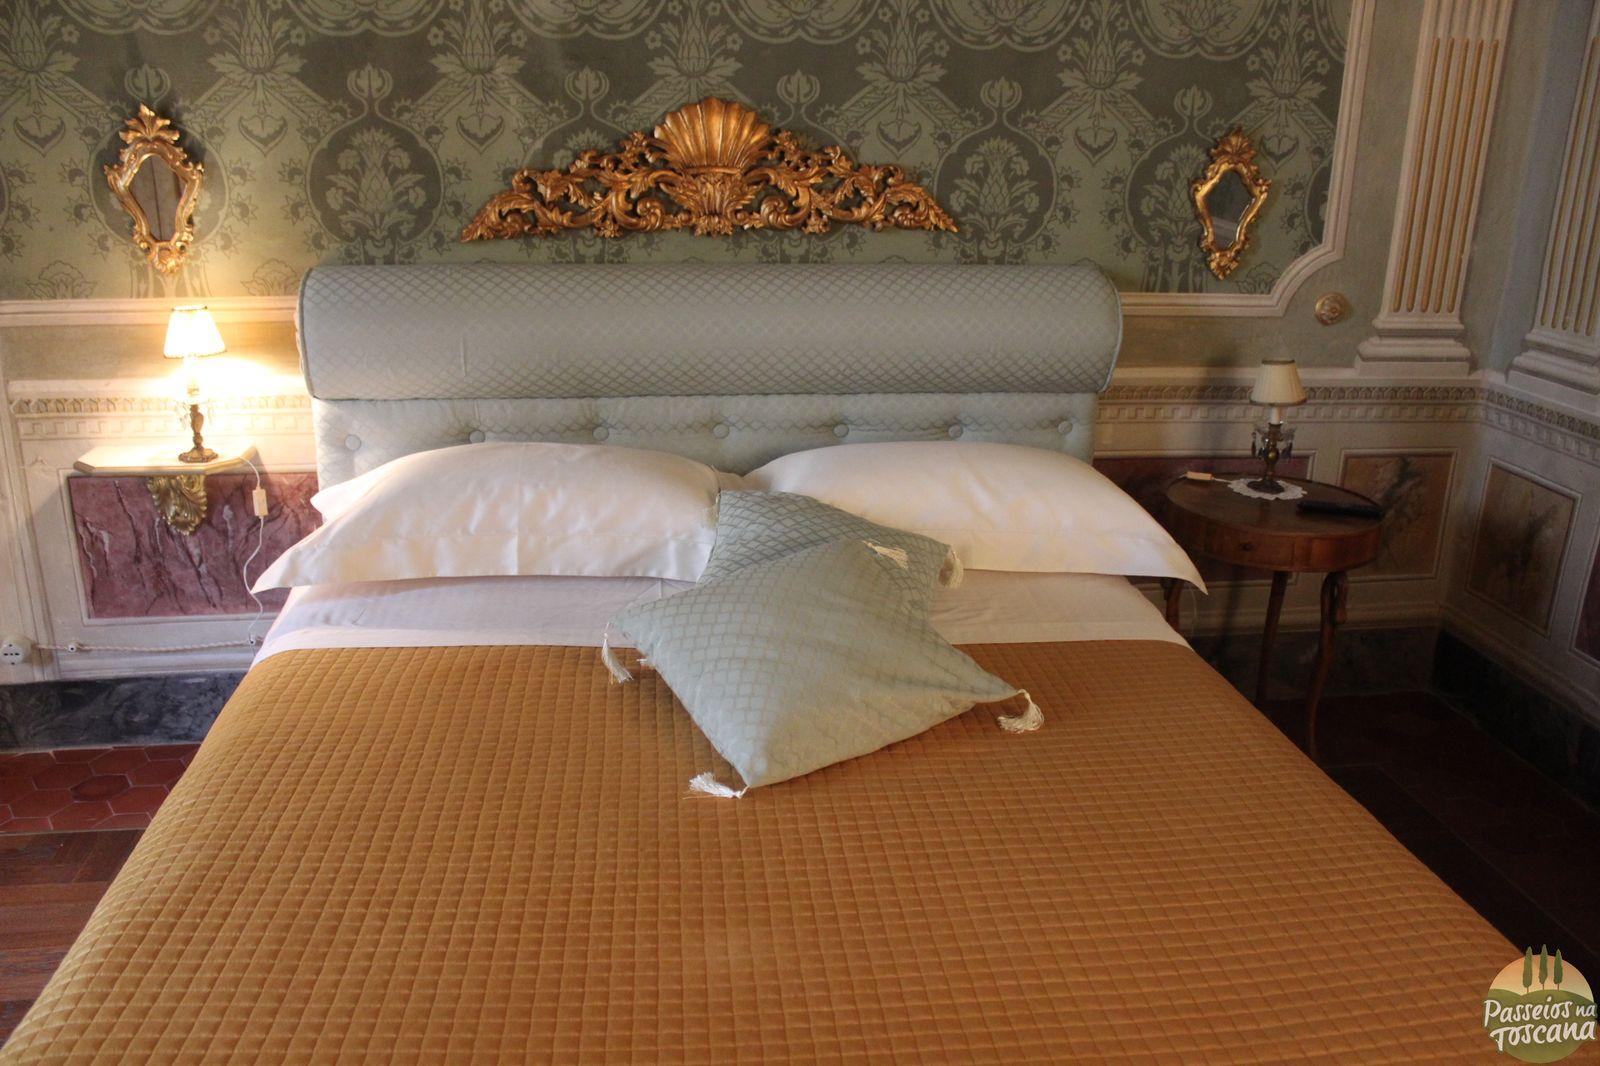 HOTEL RESIDENZA DEI RICCI CHIUSI 14 1024x682